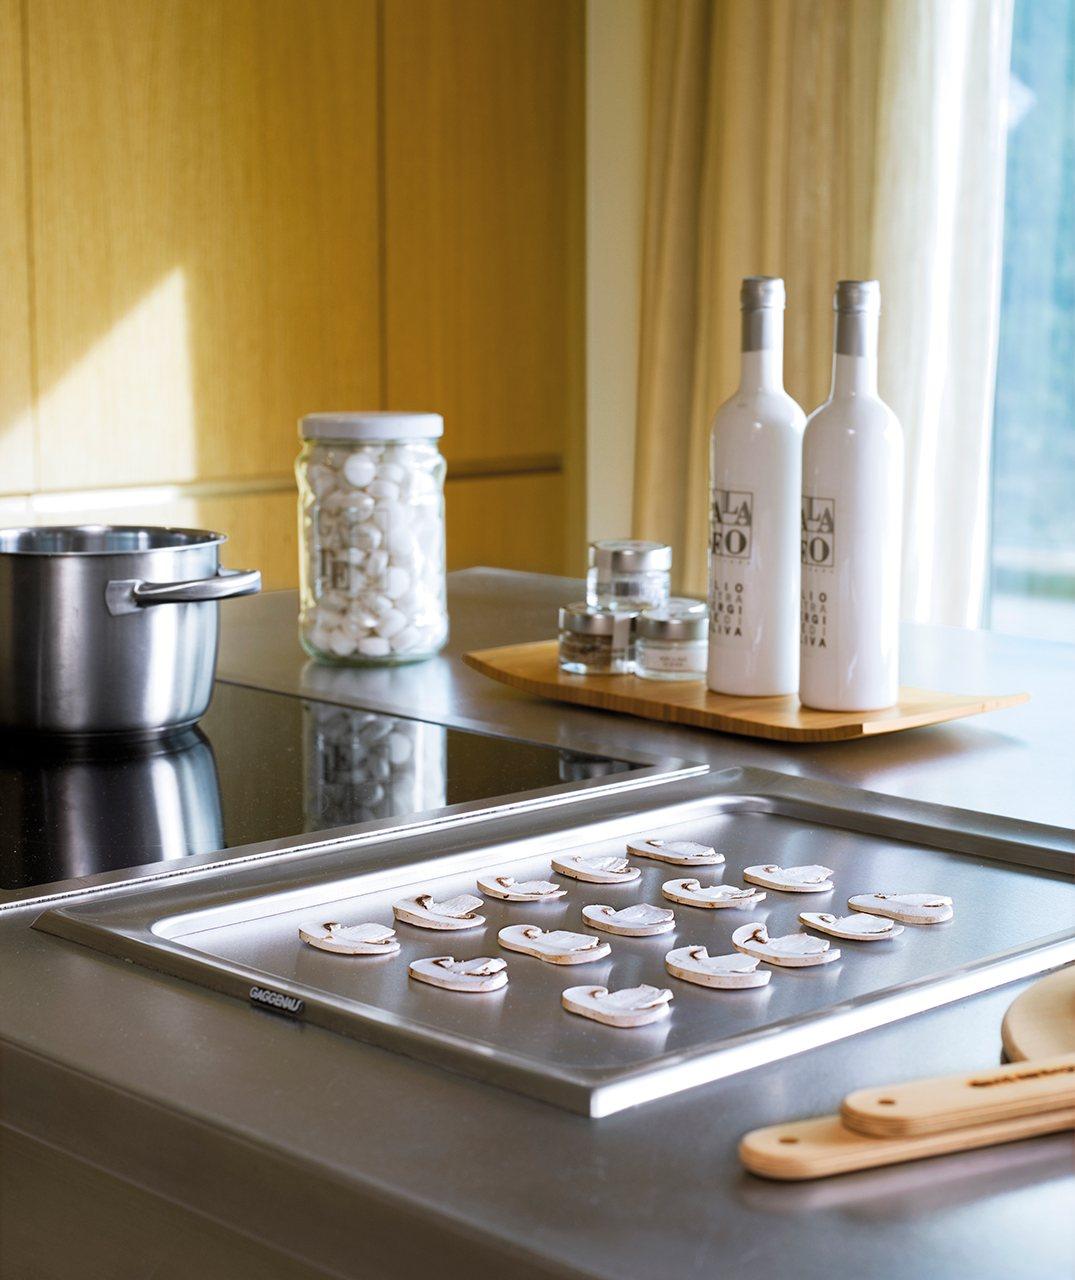 Una cocina mirador de roble - Plancha de cocina ...